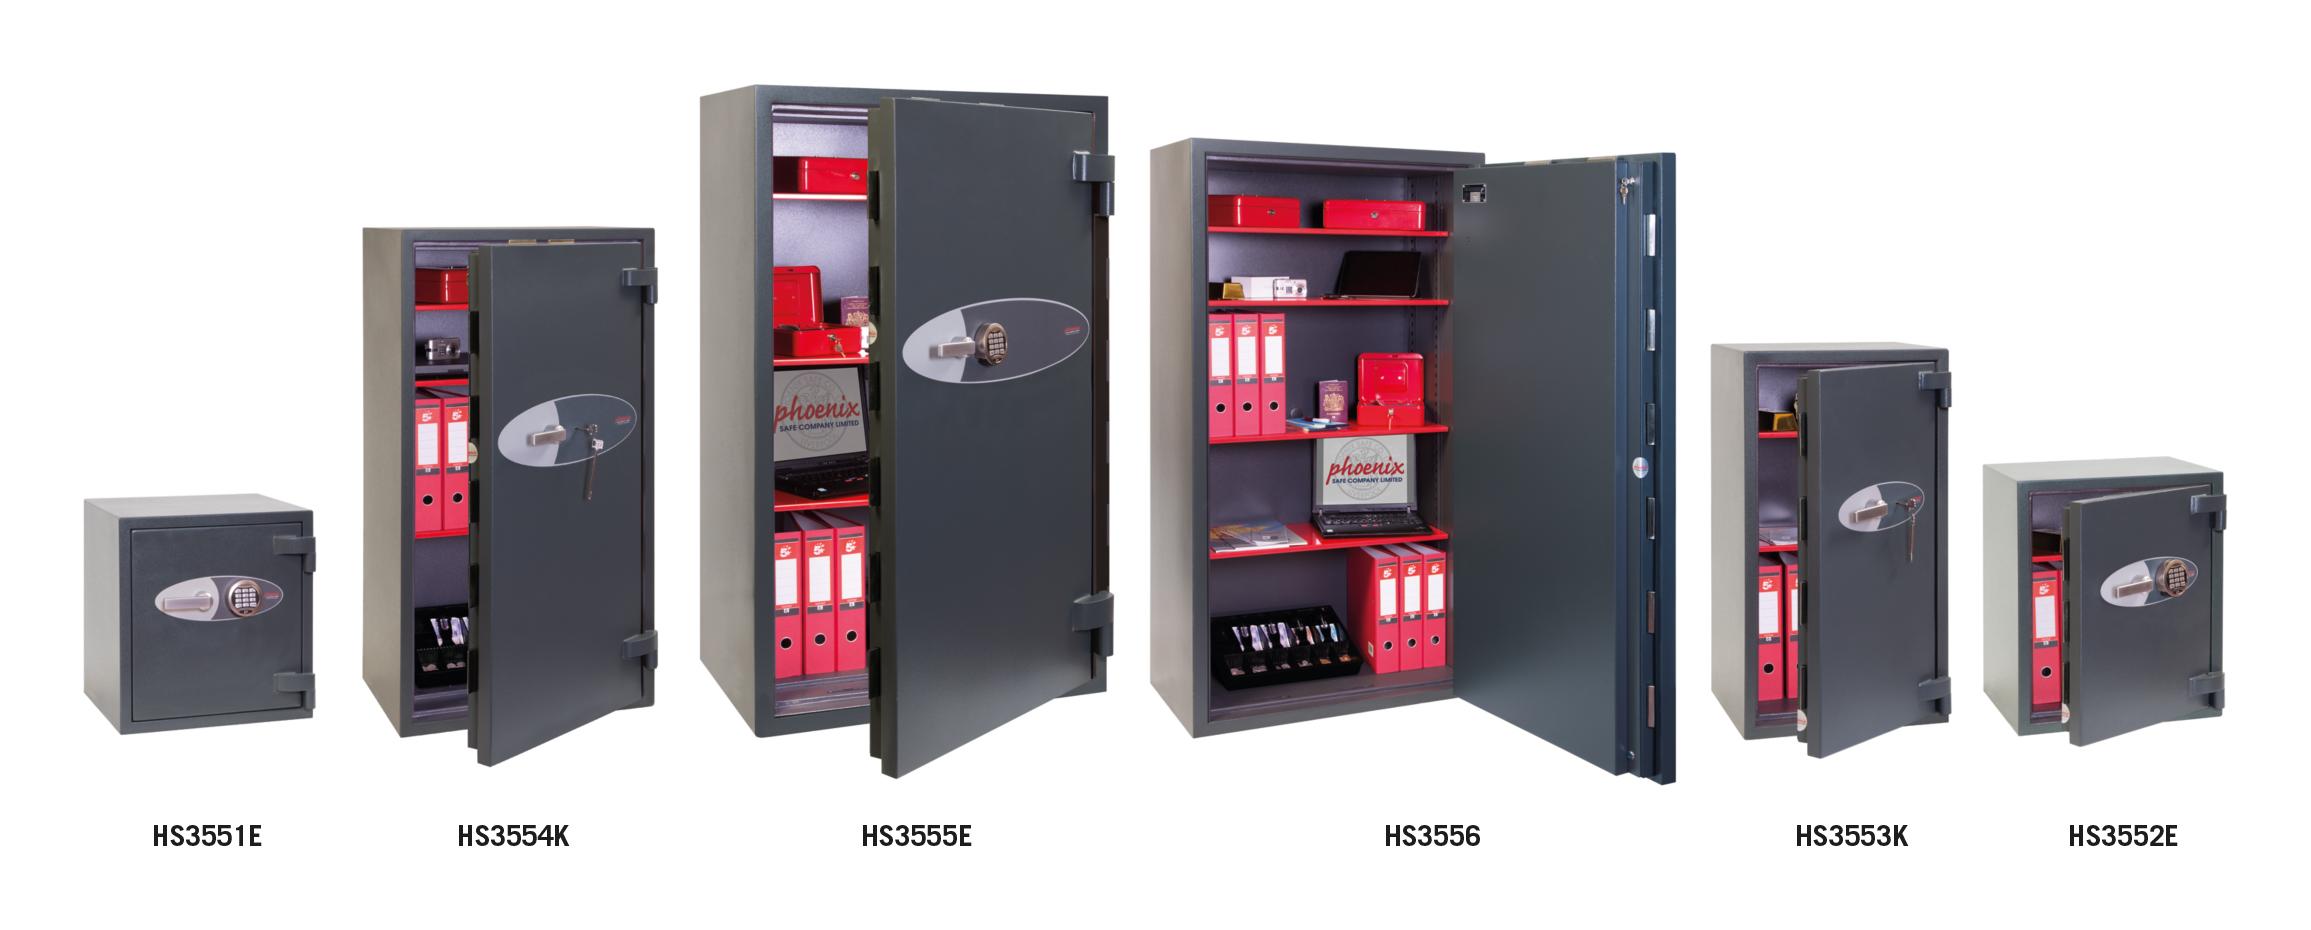 Elara HS3550 Series